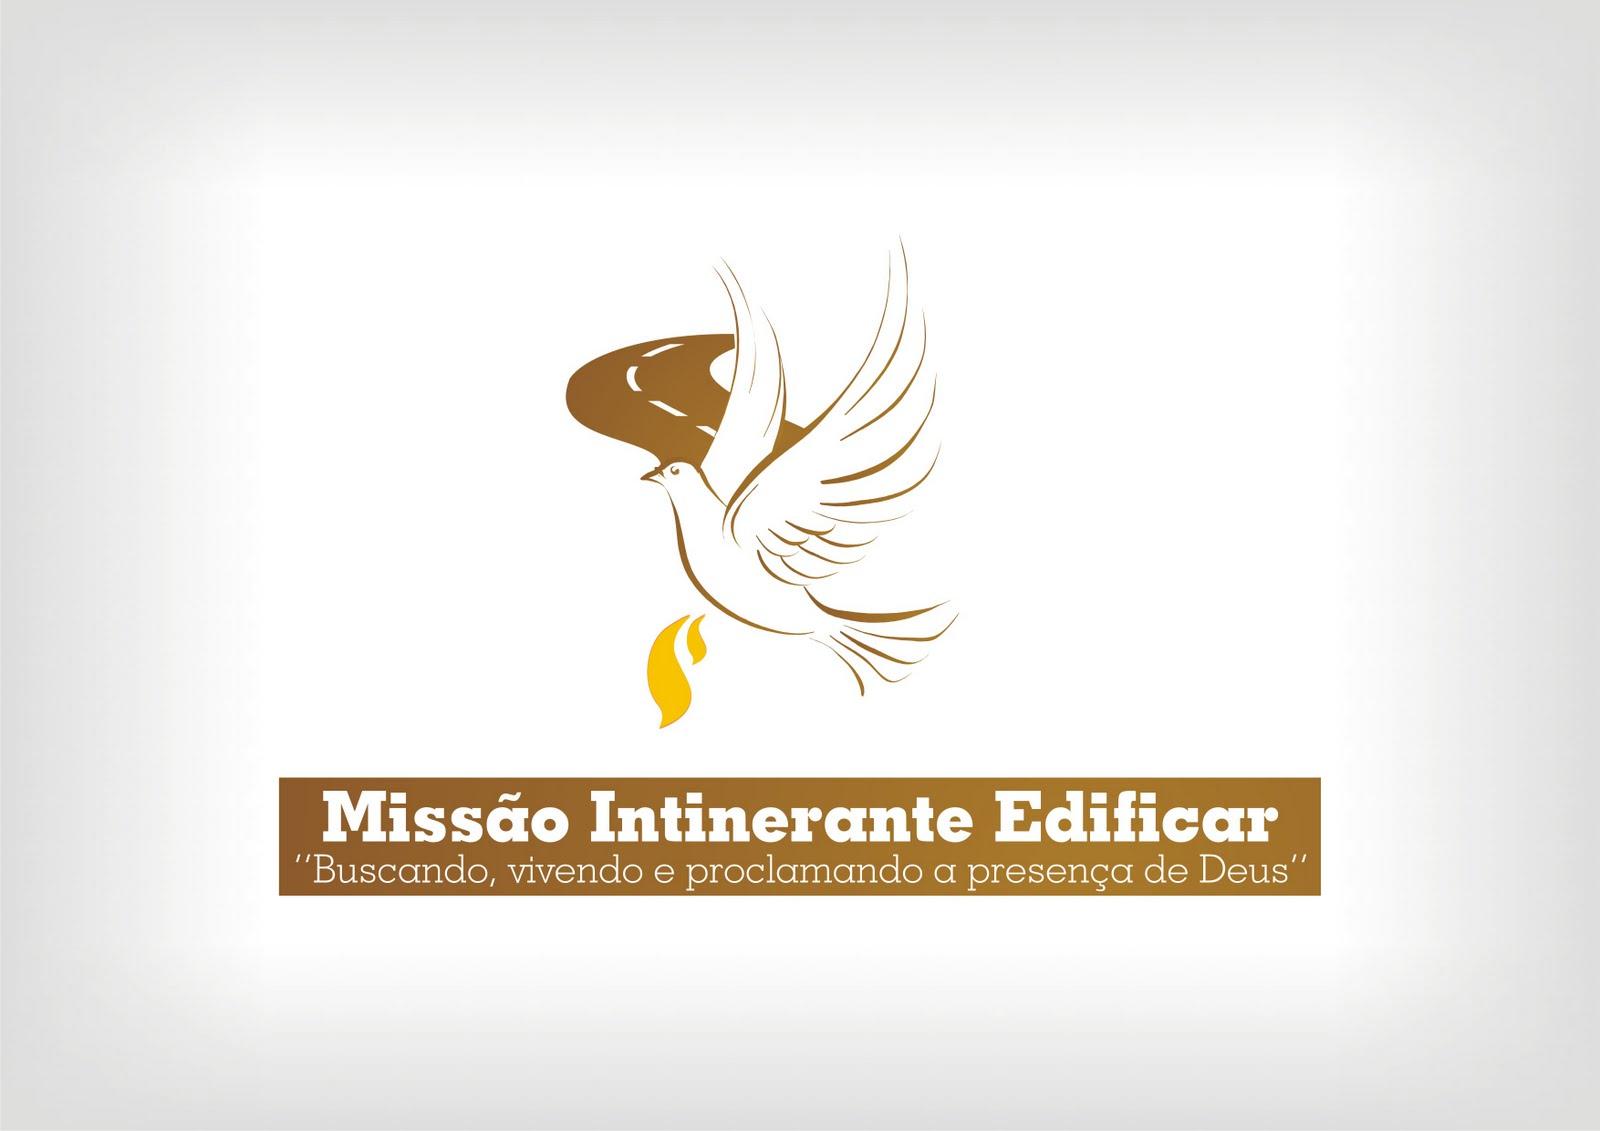 MISSAO ITINERANTE EDIFICAR